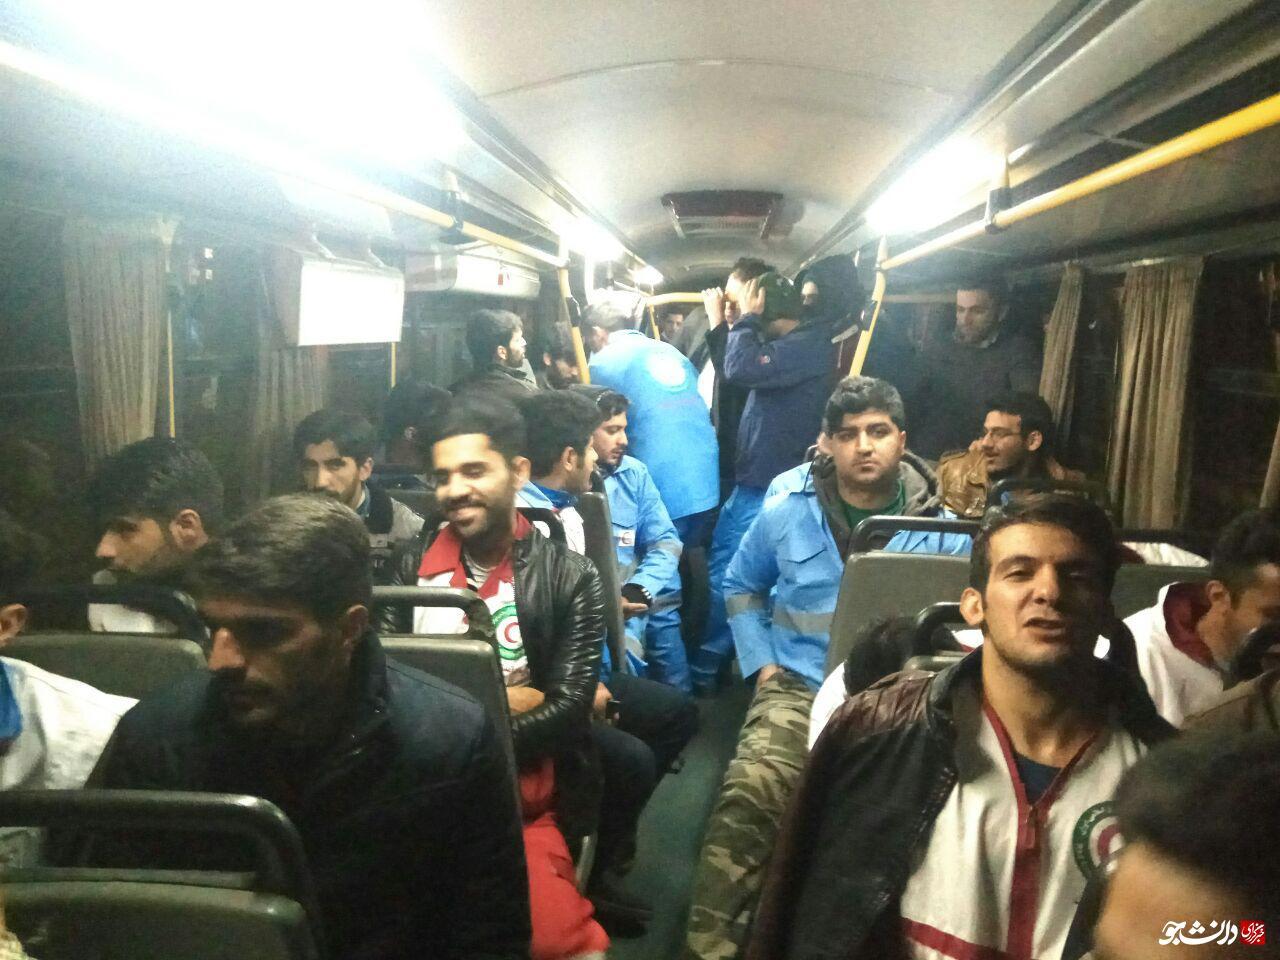 46 نفر از دانشجویان دانشگاه رازی برای کمک به زلزلهزدگان کرمانشاه اعزام شدند+تصویر